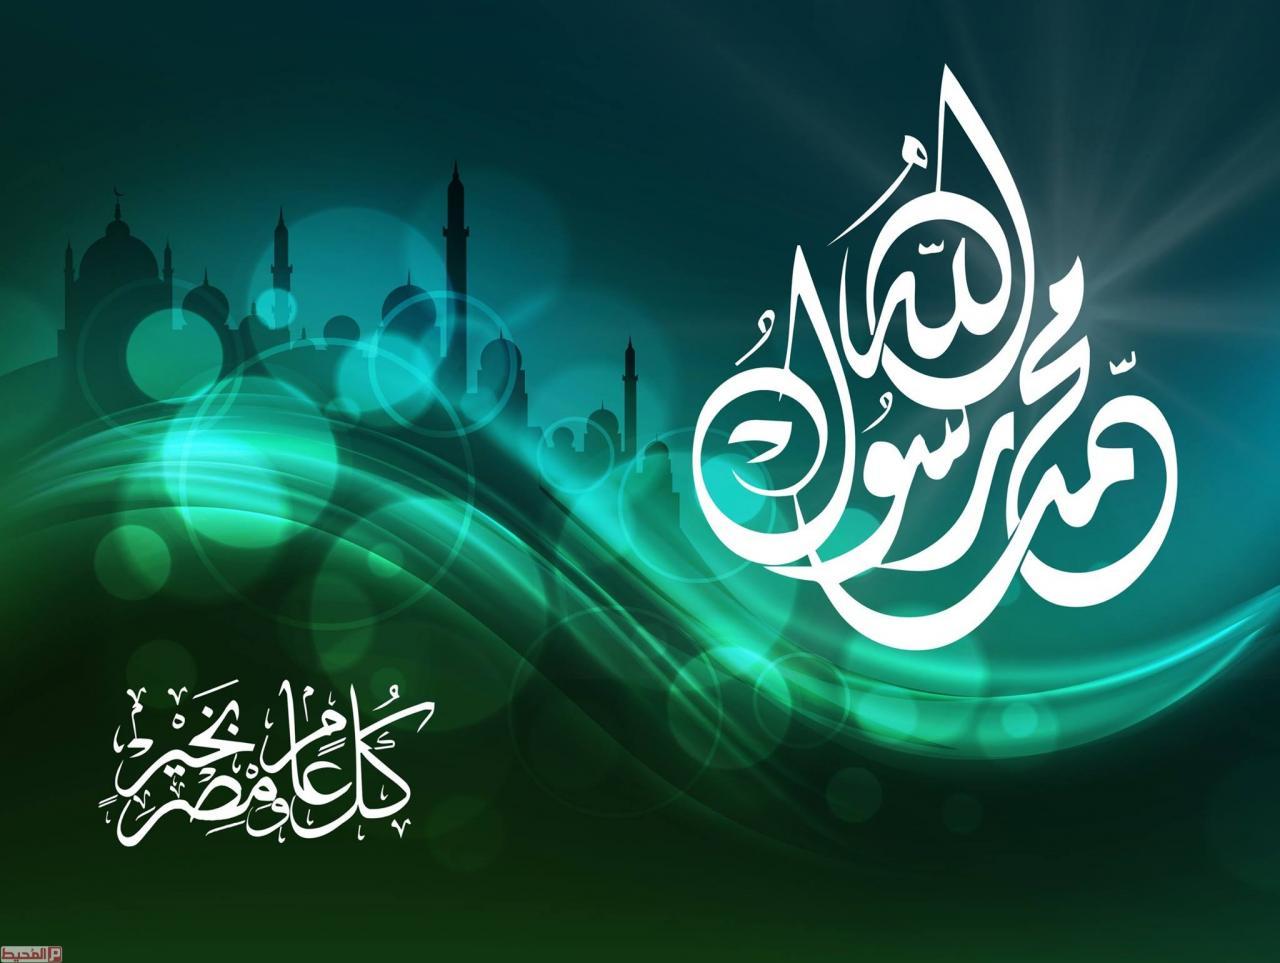 كلمات بمناسبة المولد النبوي الشريف هني المسلمين في مولد النبي